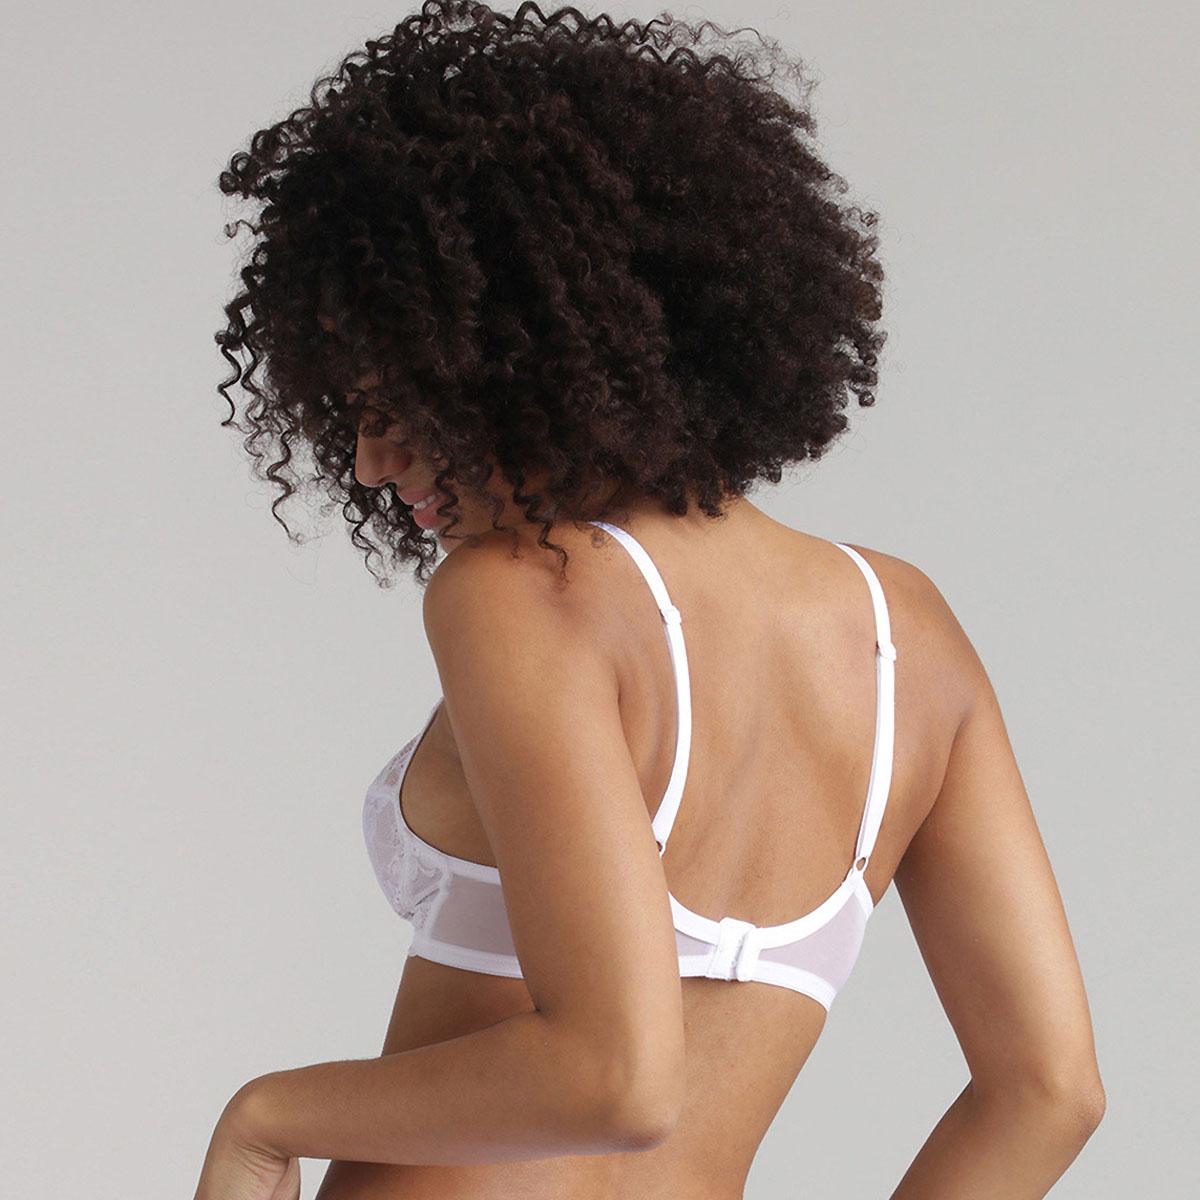 Sujetador sin aros de encaje blanco Essential Elegance, , PLAYTEX